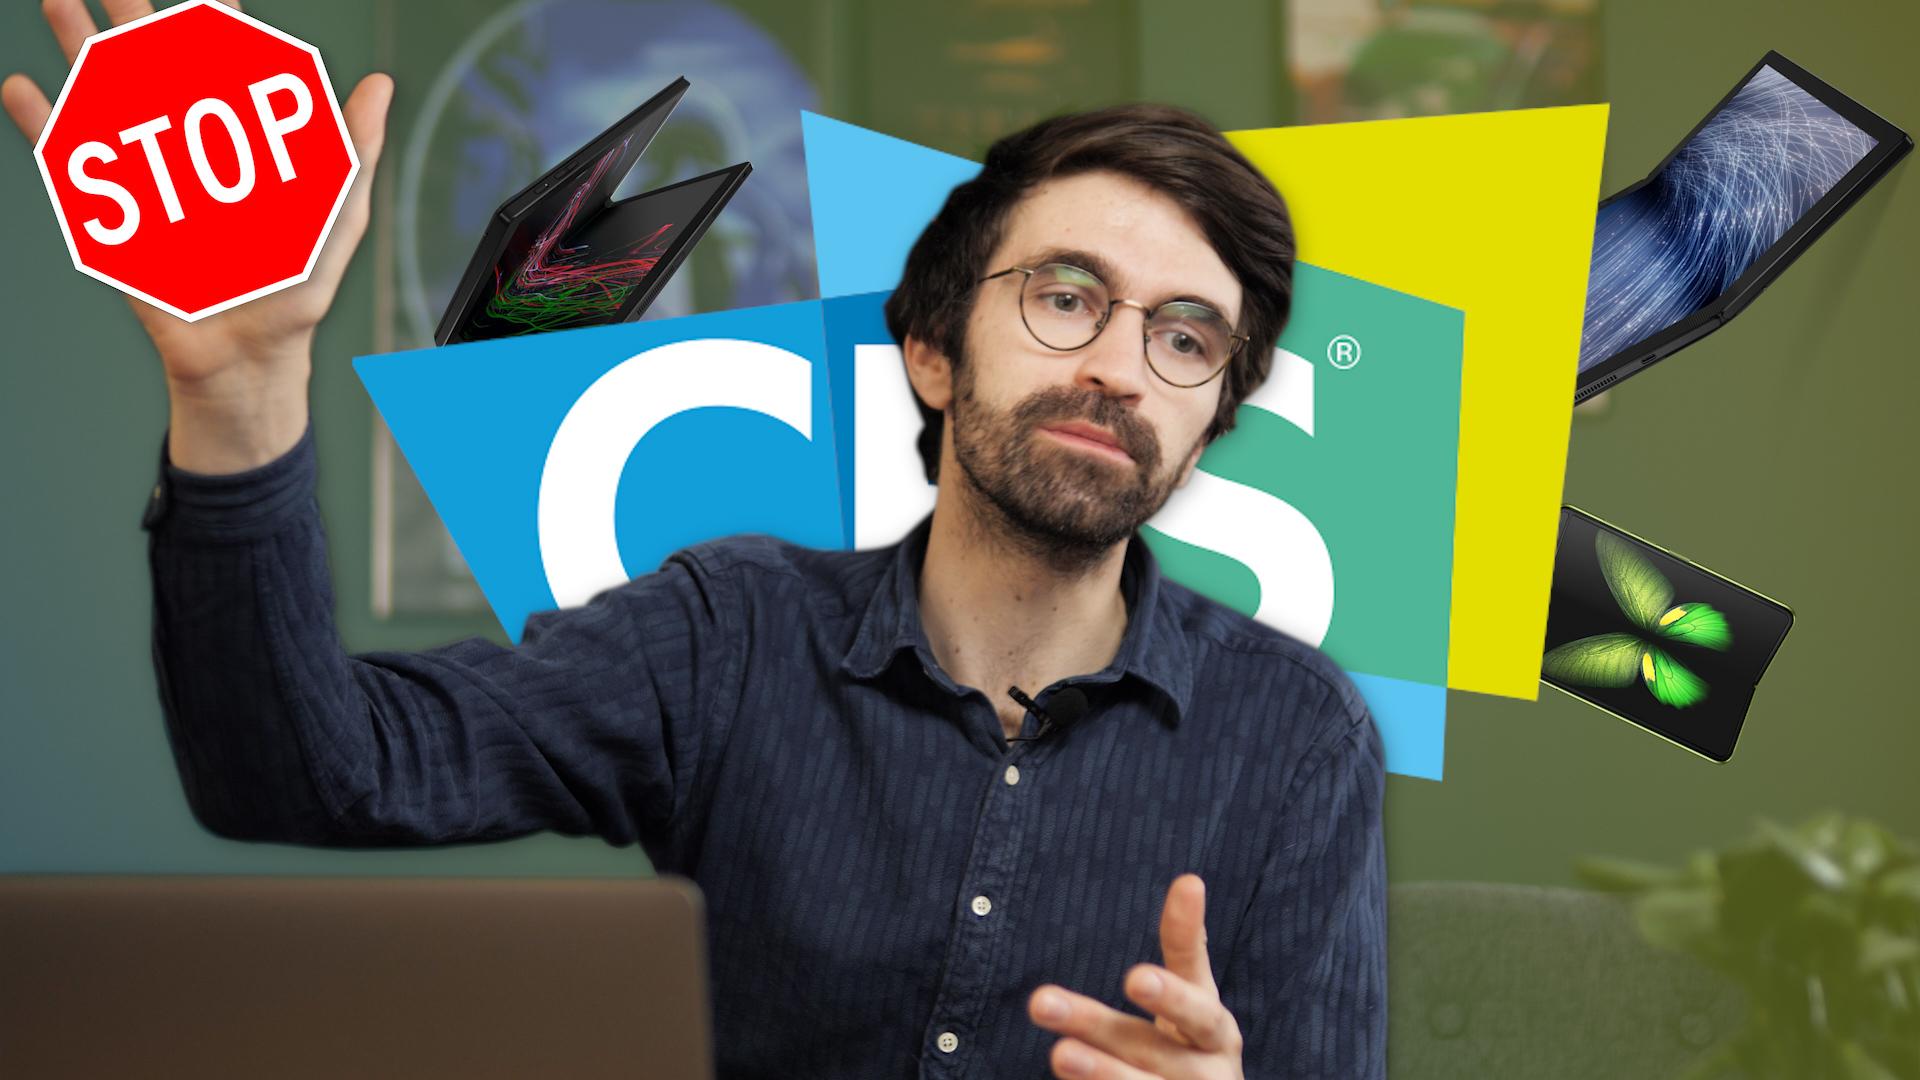 Écran pliable vs Double écran : qui survivra après le CES 2020 ?